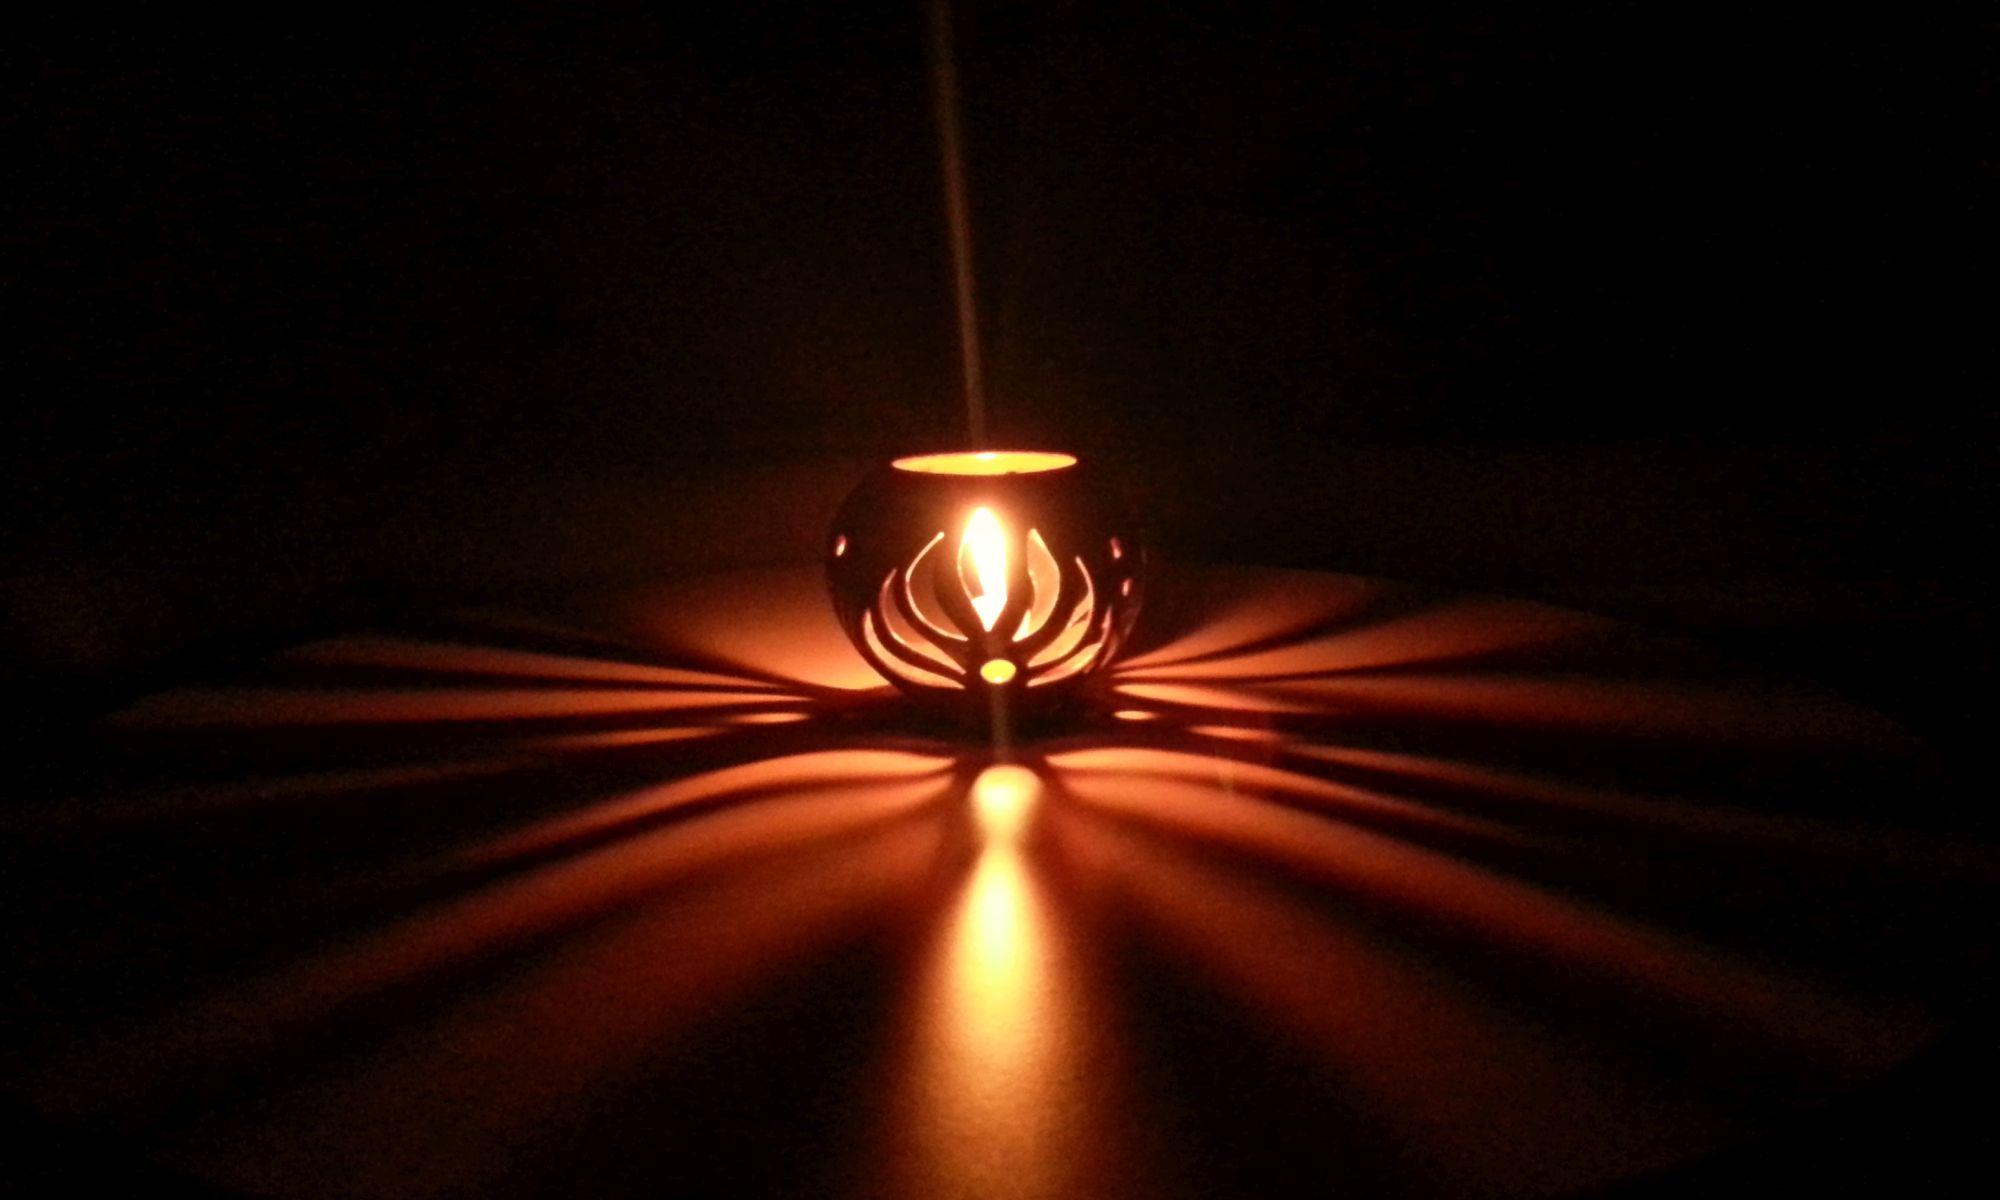 Kerze, Keramik, Lampe